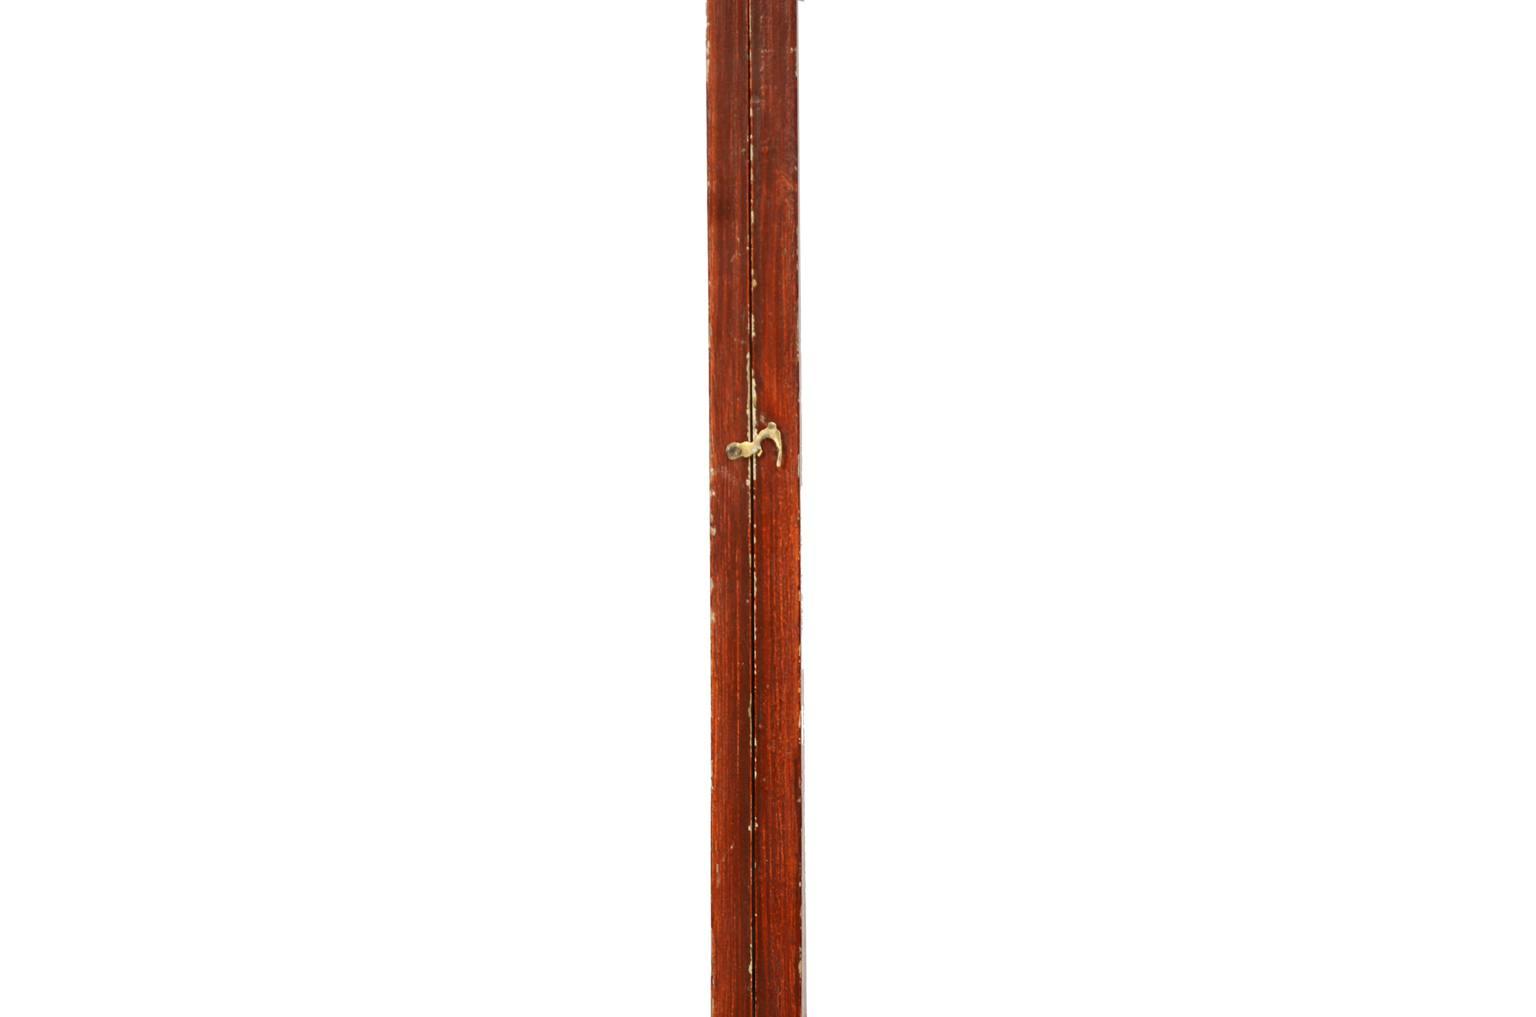 Barometri antichi/531A-Barometro da viaggio